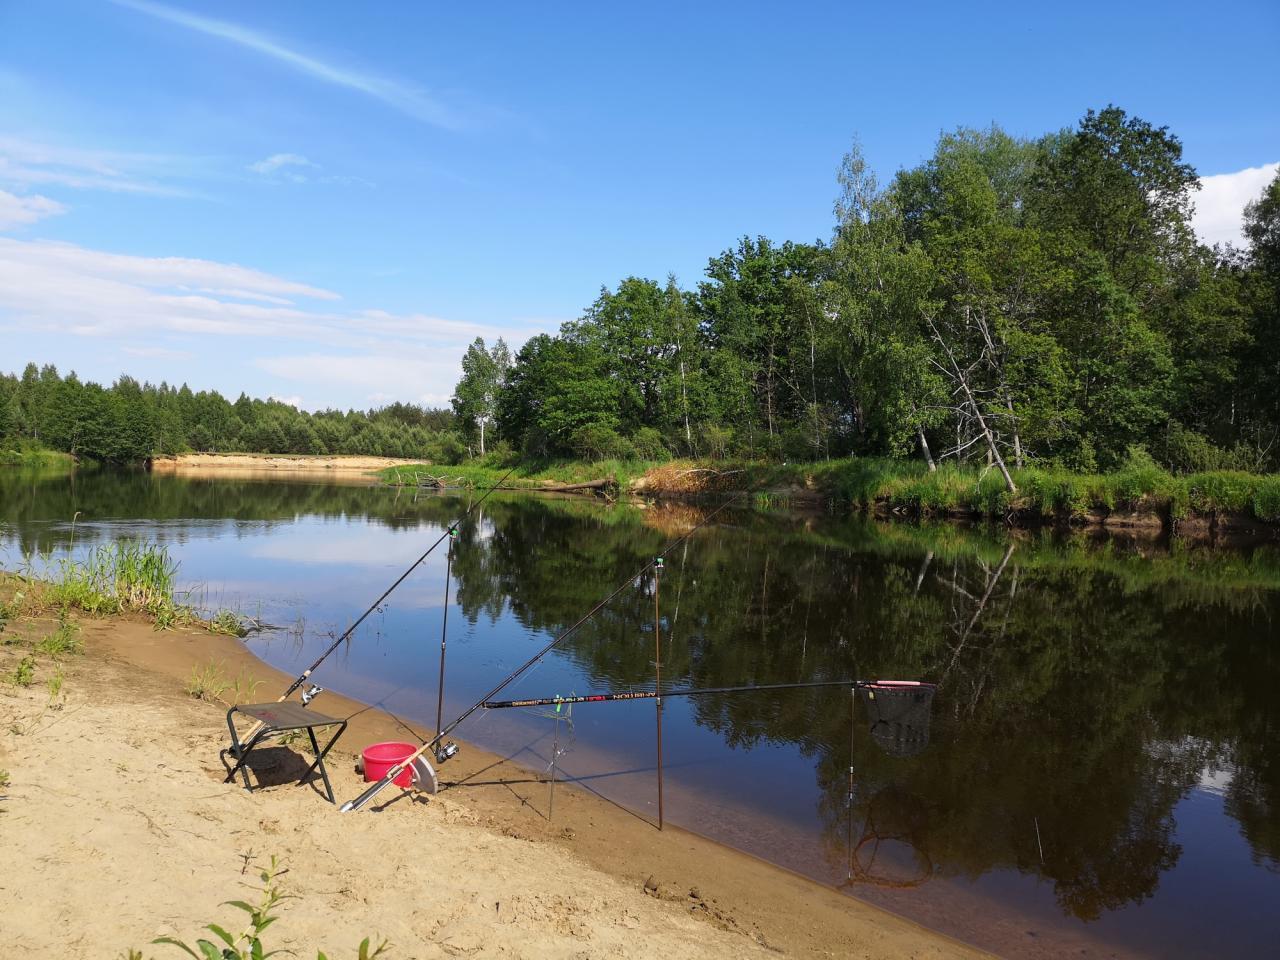 Оказывается непростая творческая задача написать отчет про рыбалку ...   Отчеты о рыбалке в Беларуси